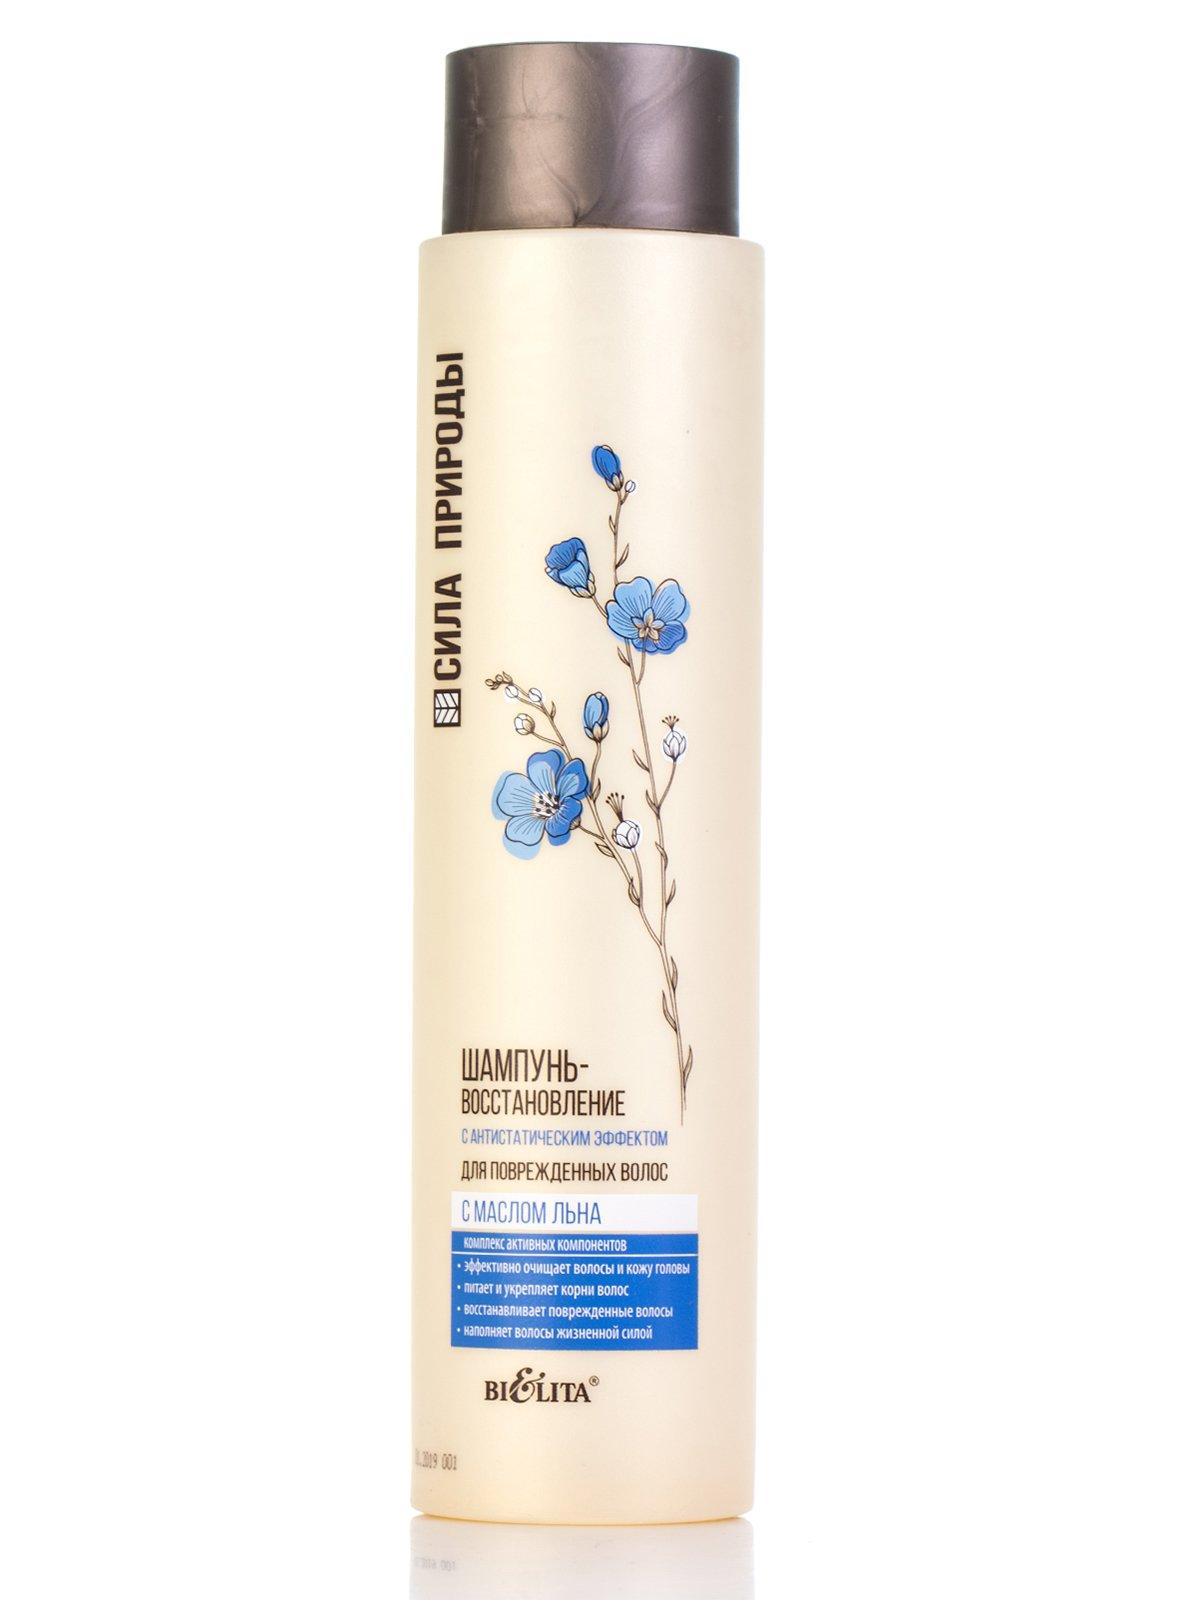 Шампунь-восстановление с маслом льна для поврежденных волос (400 мл)   3151671